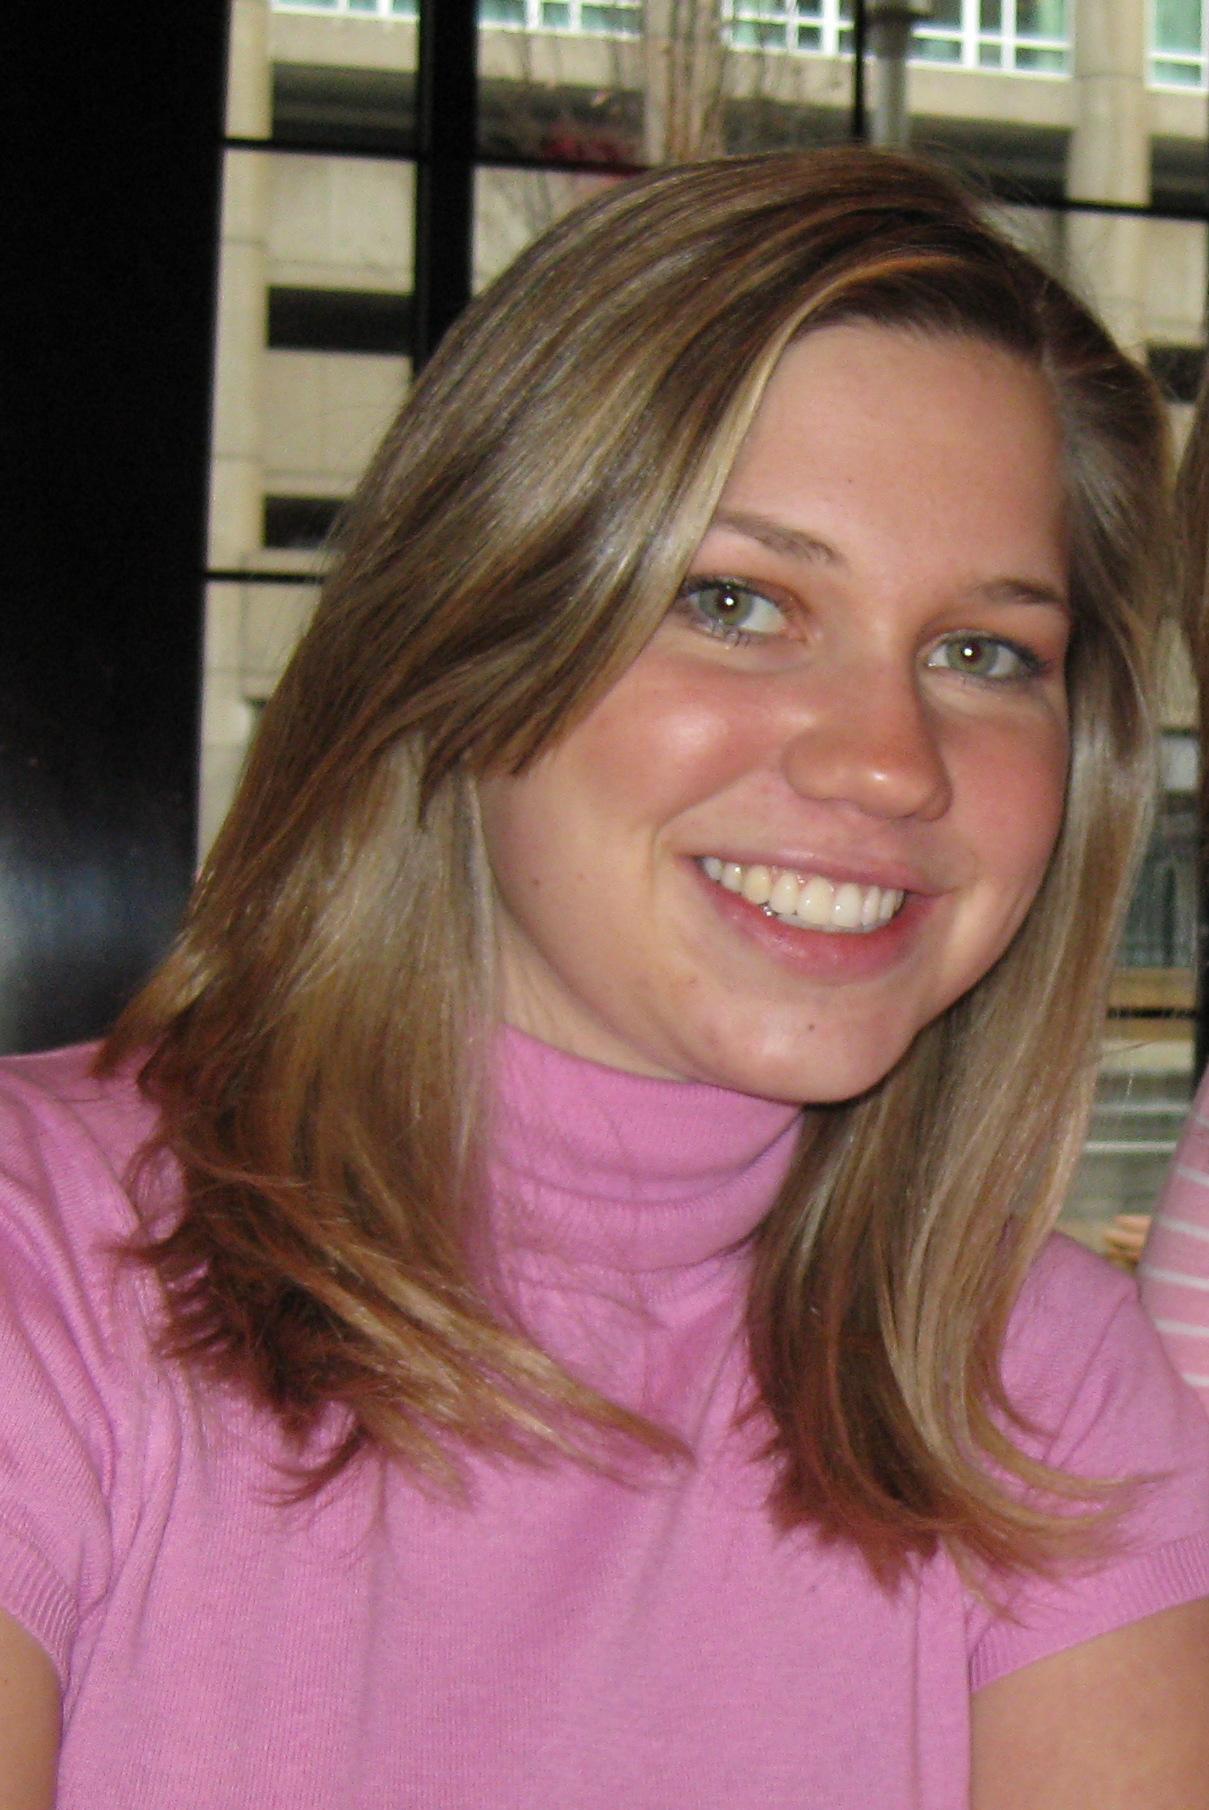 Catie Pecot